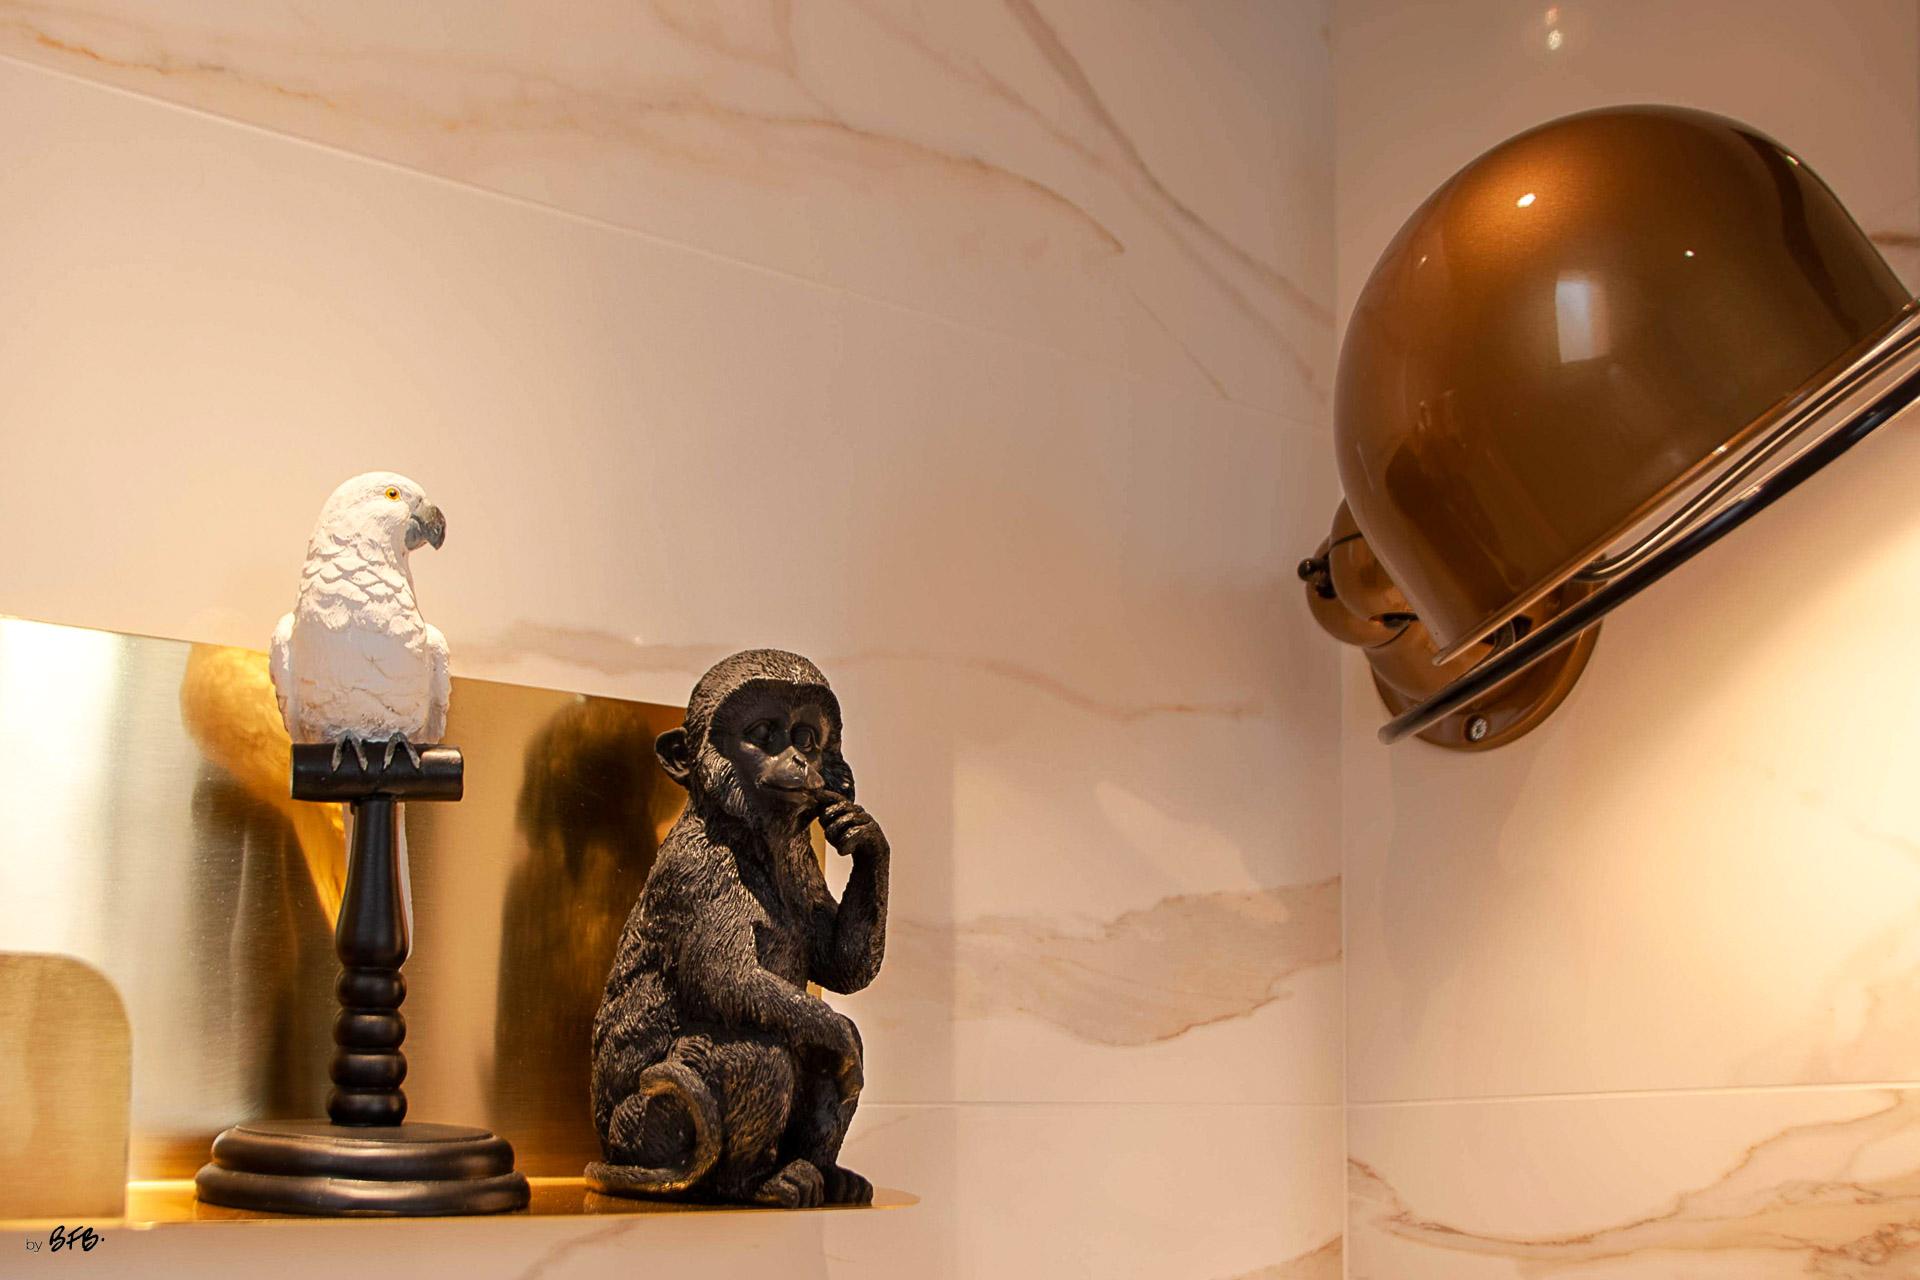 Suite parentale sur le thème des voyages, by Agence BFB, Morbihan et île de Ré, salle d'eau en marbre blanc et lampe @Jieldé couleur bronze